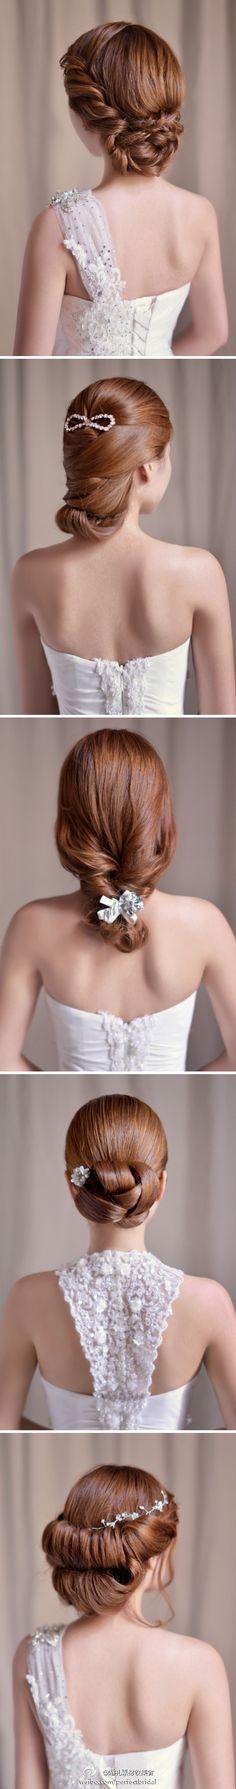 hairdo for wedding